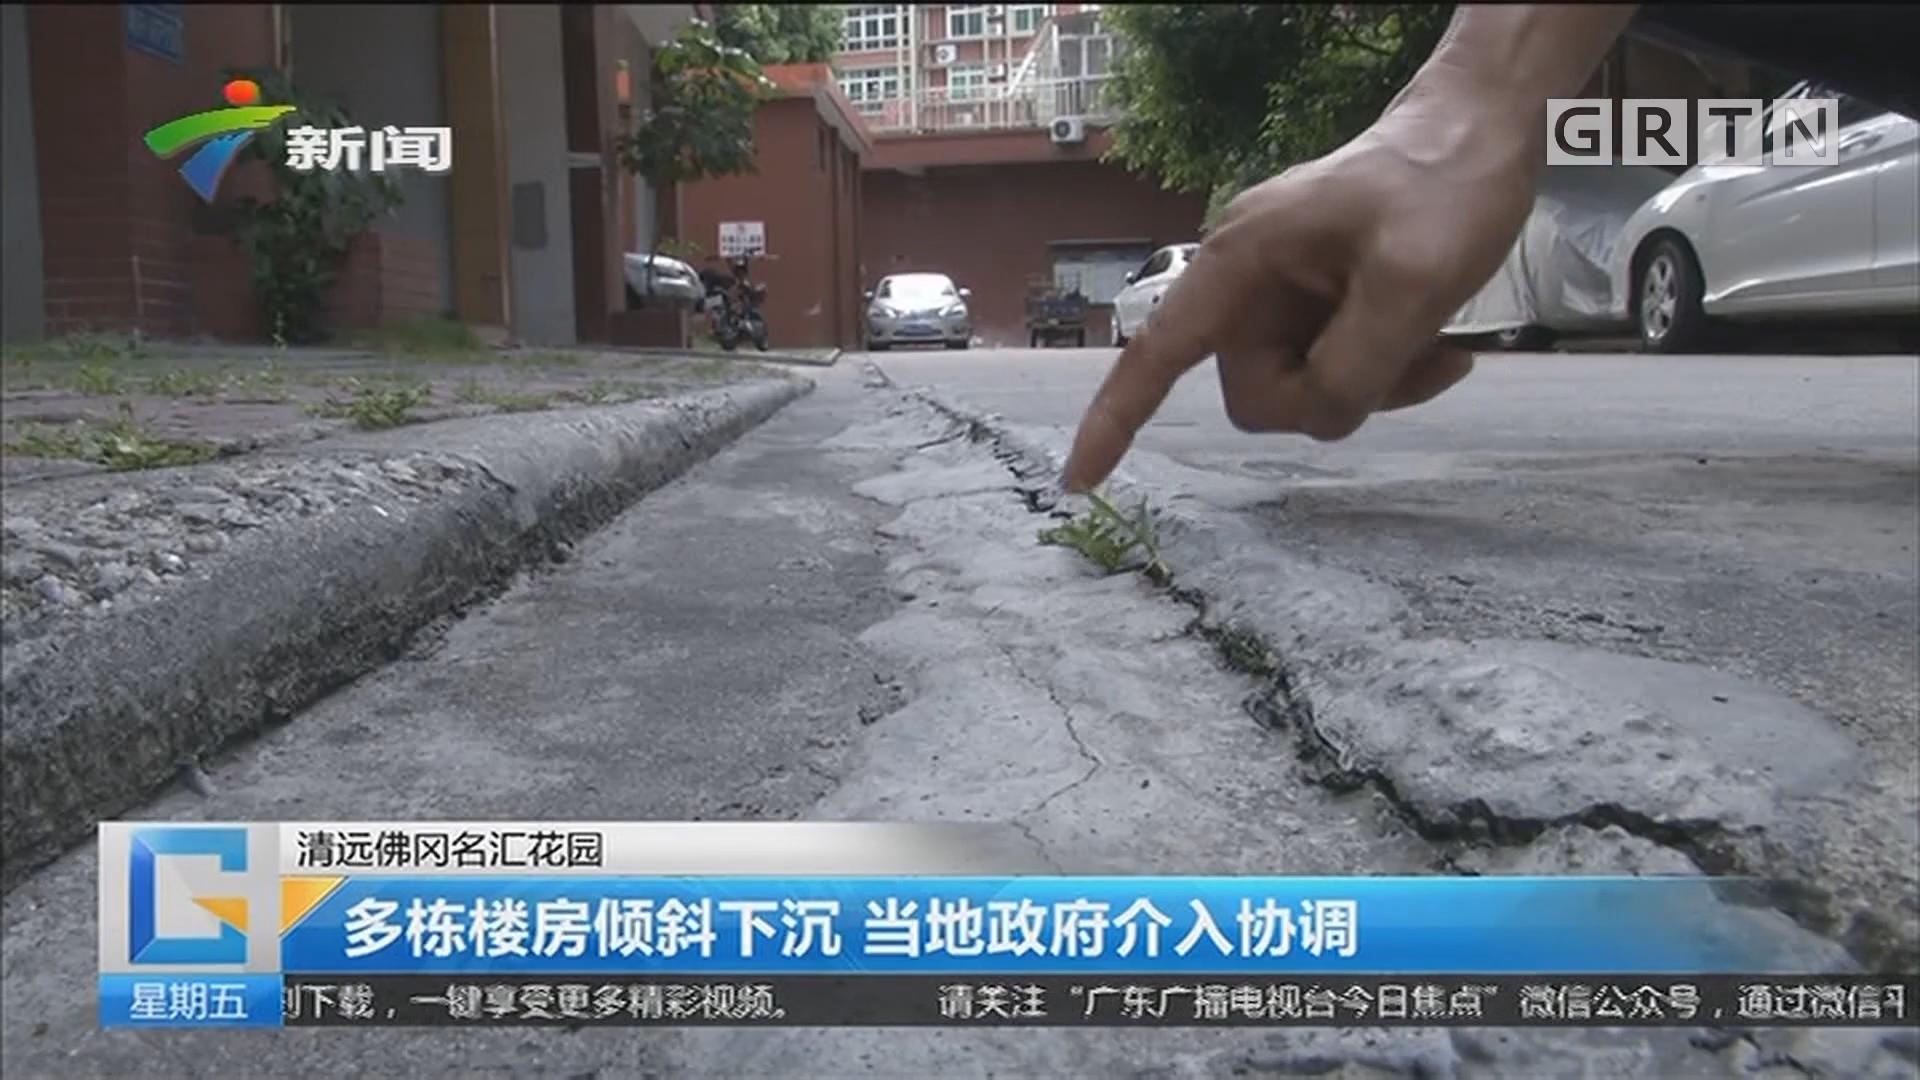 清远佛冈名汇花园:多栋楼房倾斜下沉 当地政府介入协调